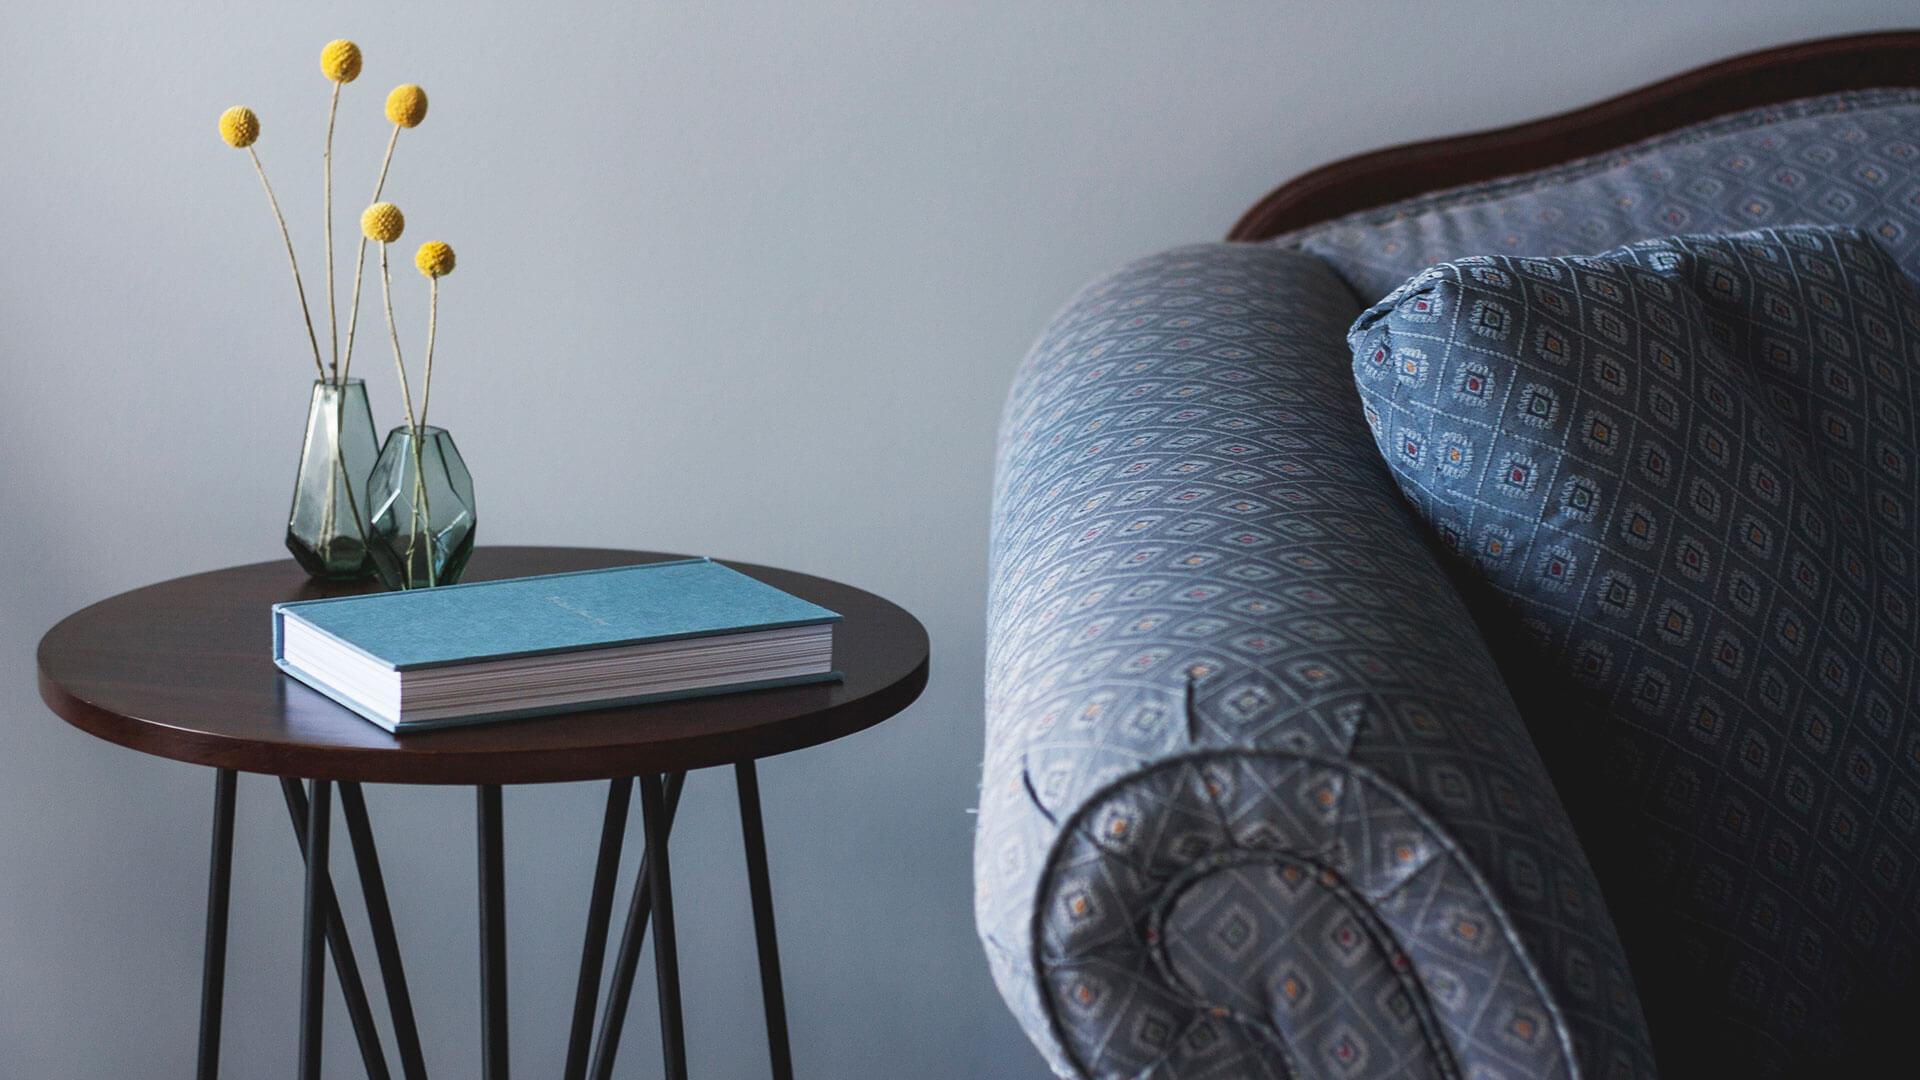 Geduld: Sofa, Buch und Pflanze